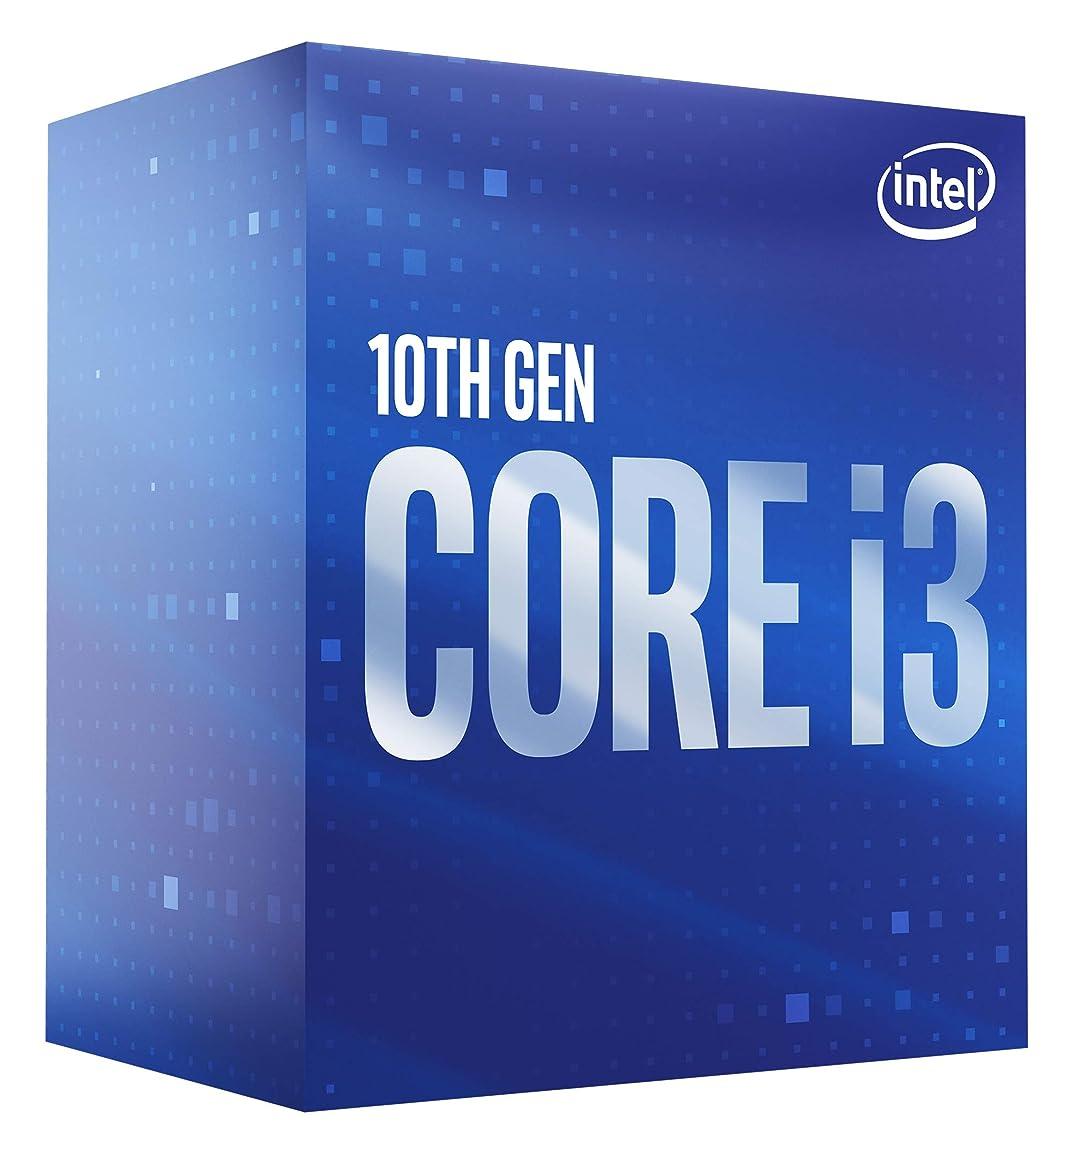 ヒョウ課税異なるINTEL CPU BX8070110100 Core i3-10100 LGA 1200 6MB 3.60GHz 【BOX】 日本正規流通品